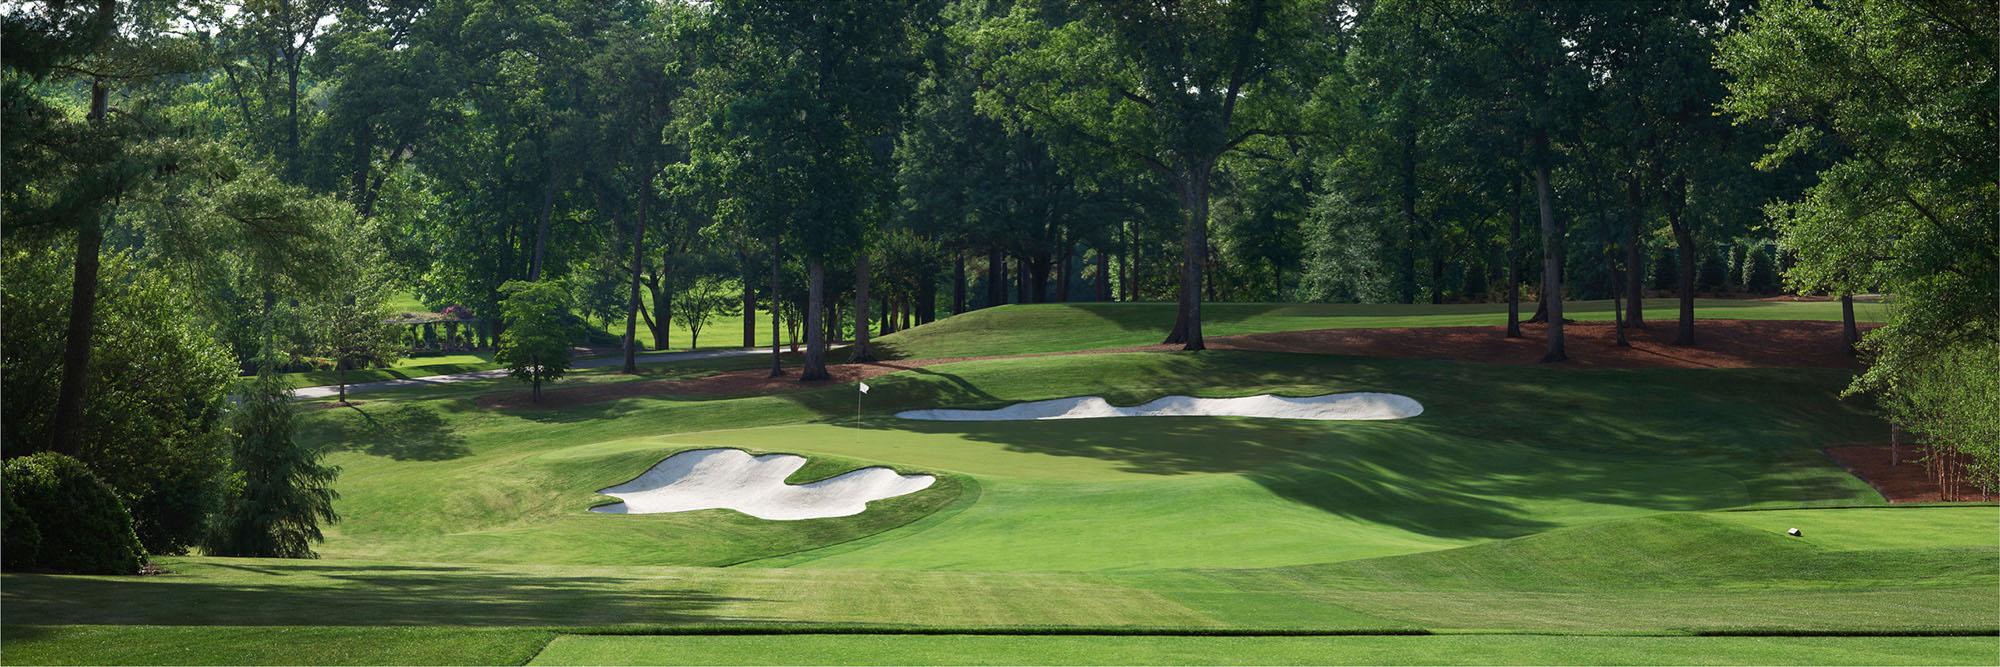 Golf Course Image - Quail Hollow No. 2